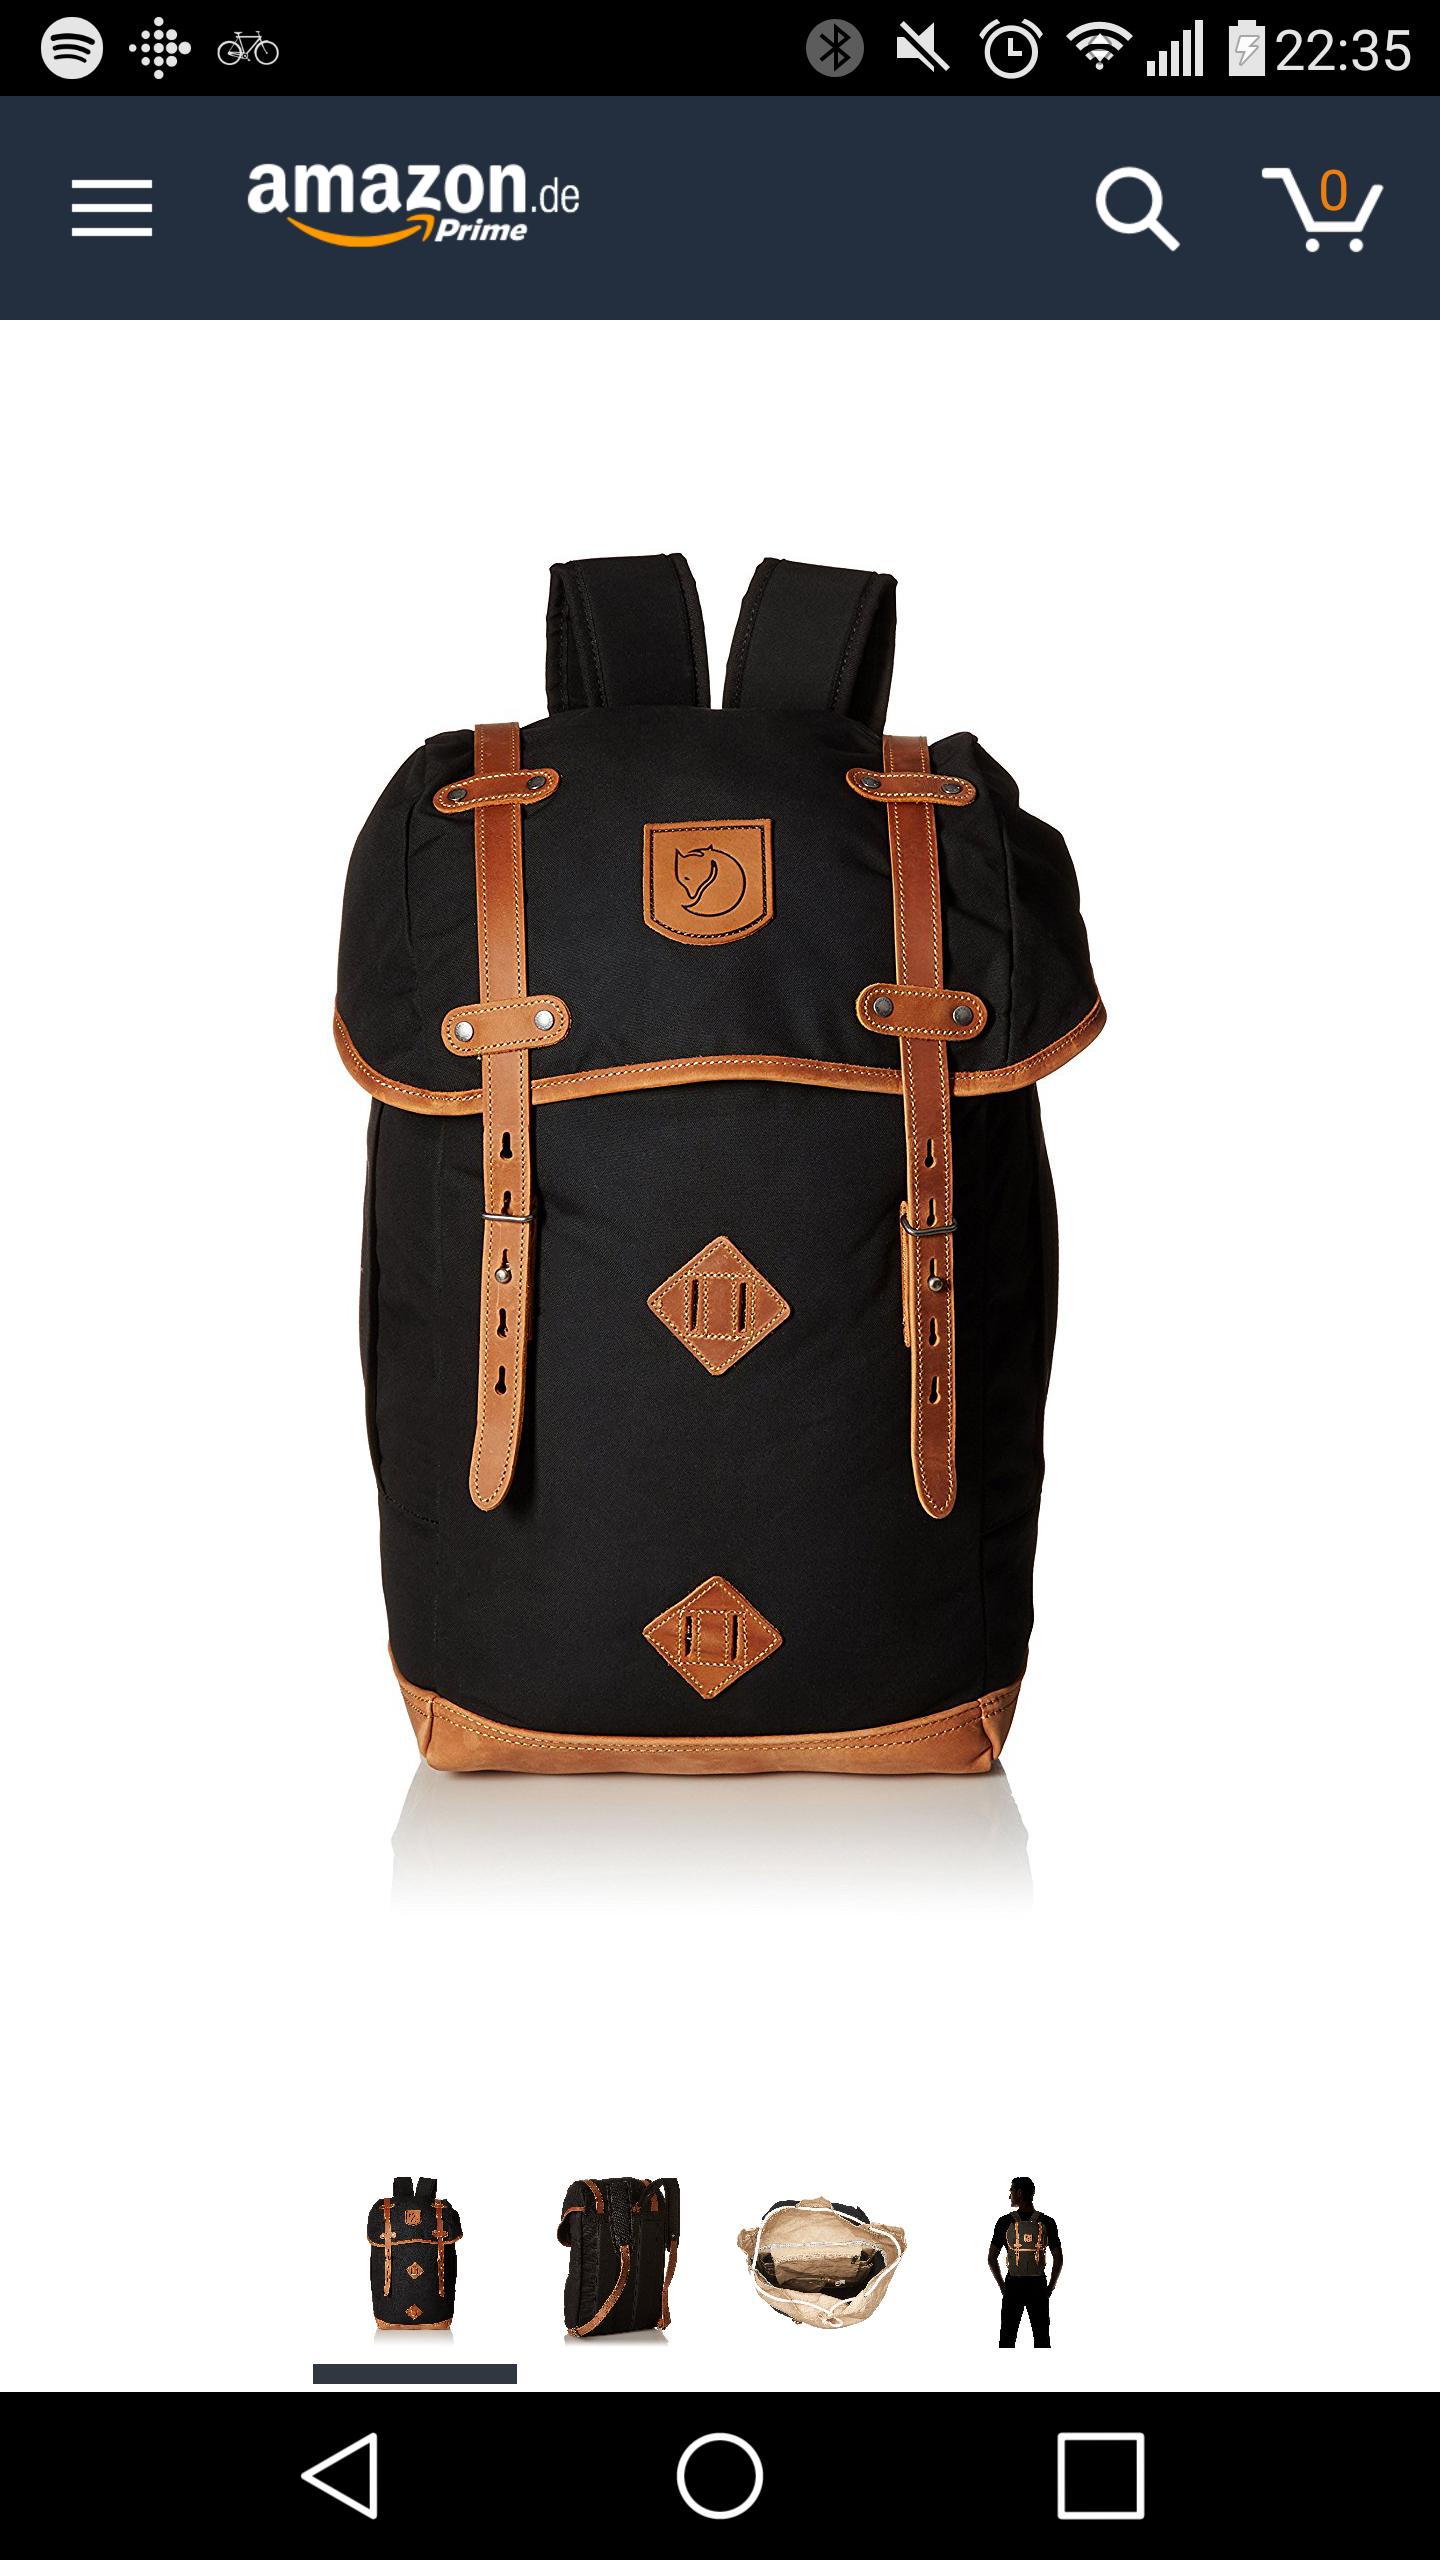 (Amazon.de) FjällRäven Rucksack No.21 Small Black (und einige andere Farben auch)